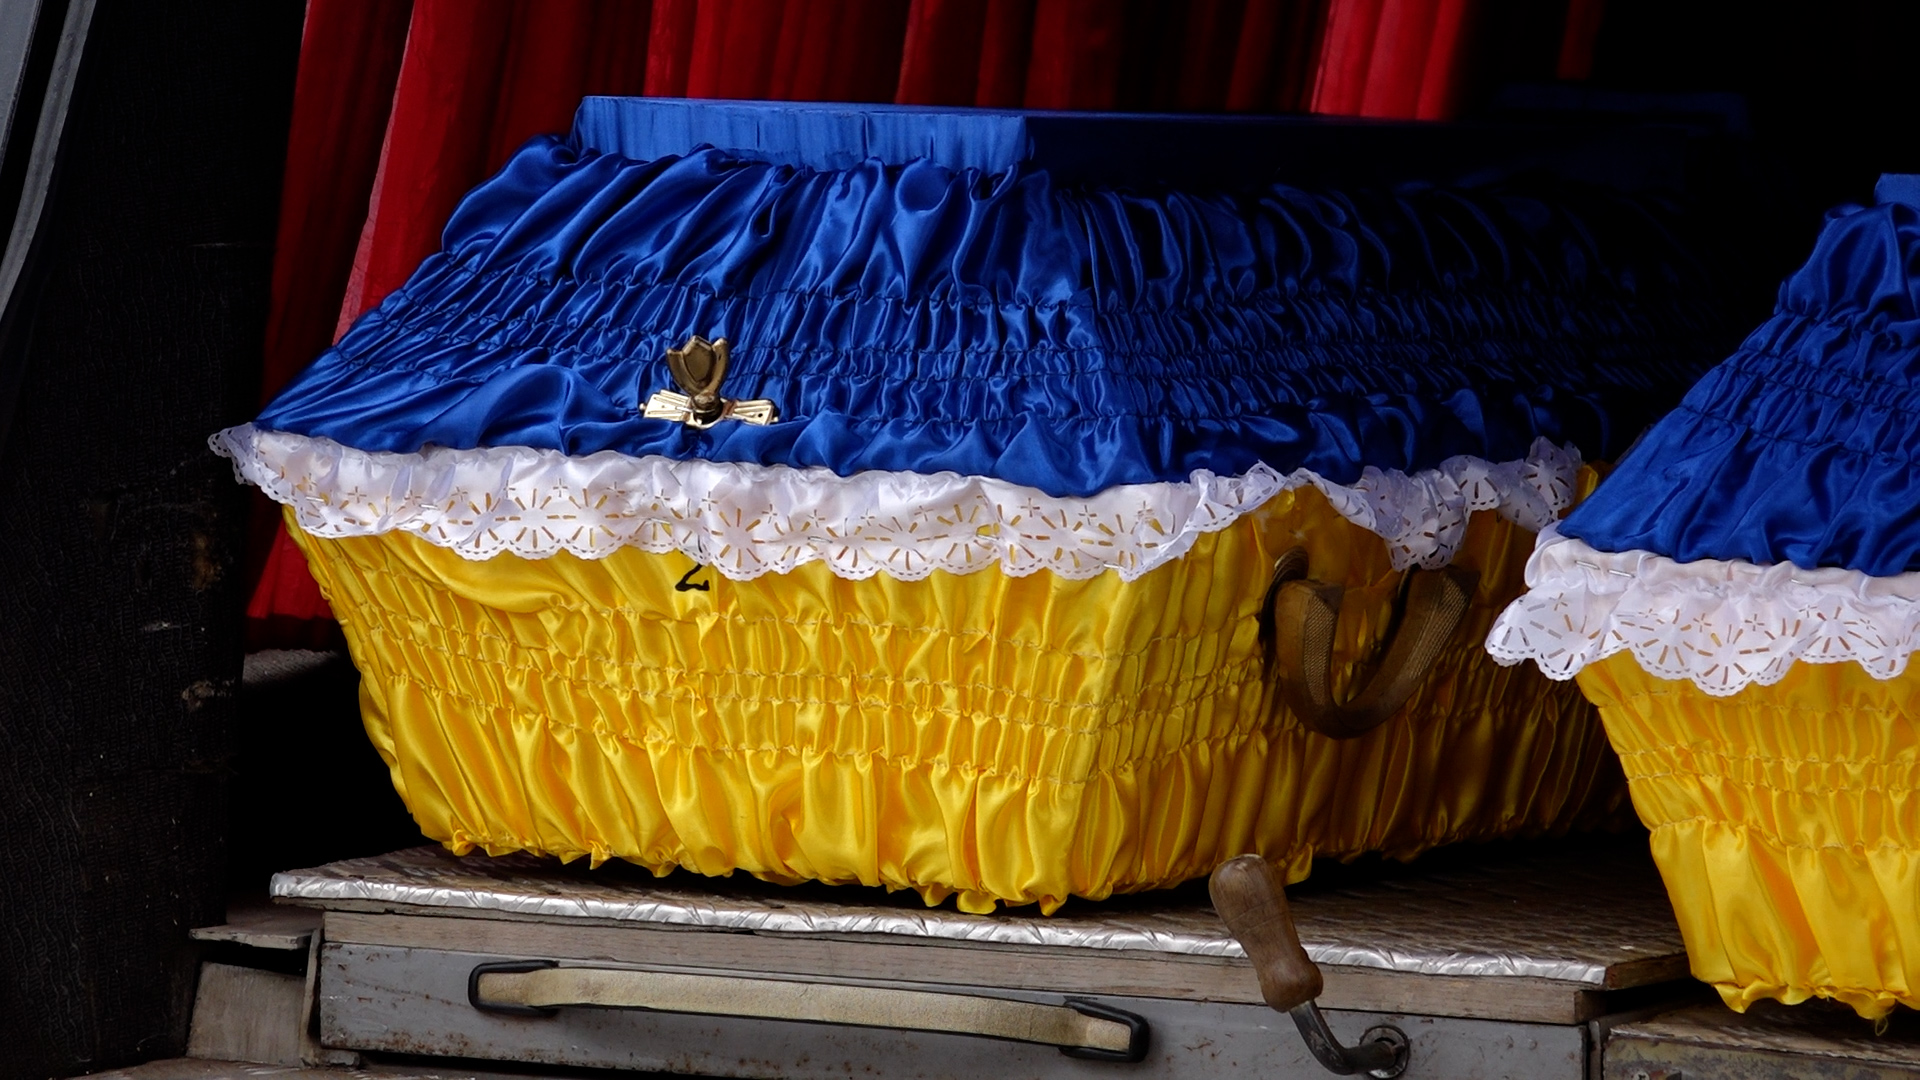 Перепоховання тіл: що відомо про трьох вояків УПА, рештки яких знайшли на Тернопільщині